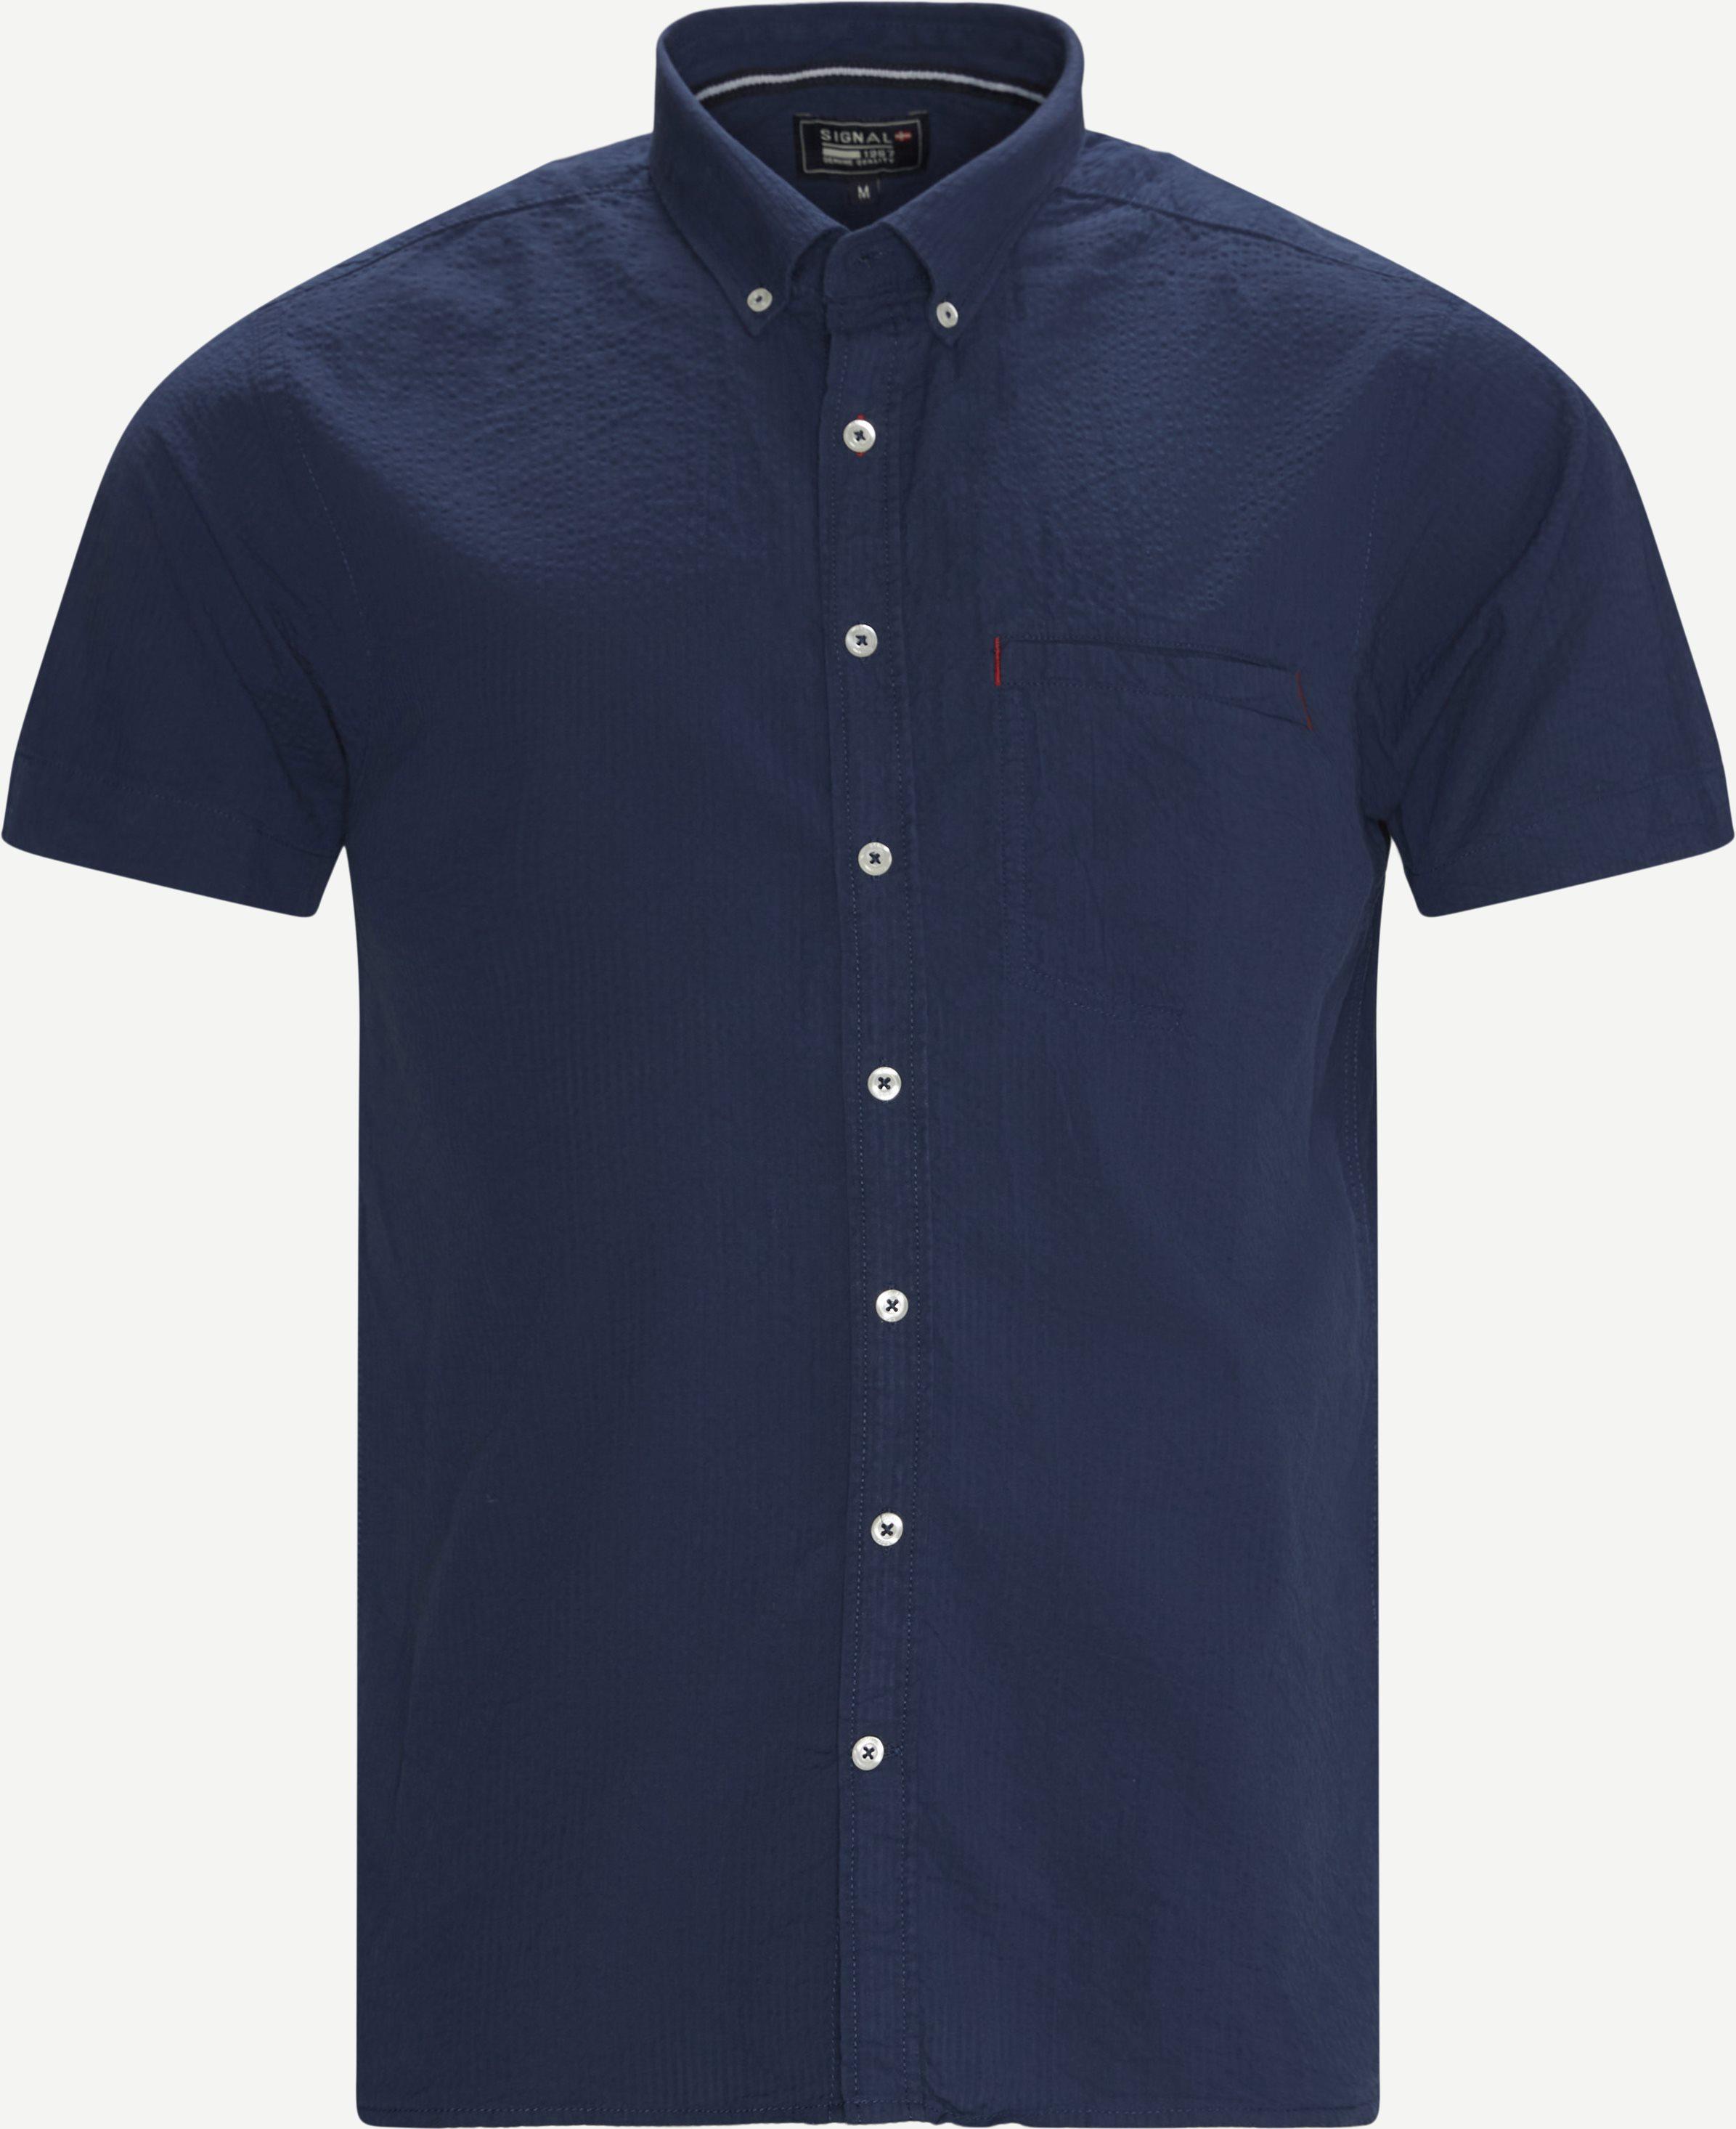 Kurzärmlige Hemden - Blau